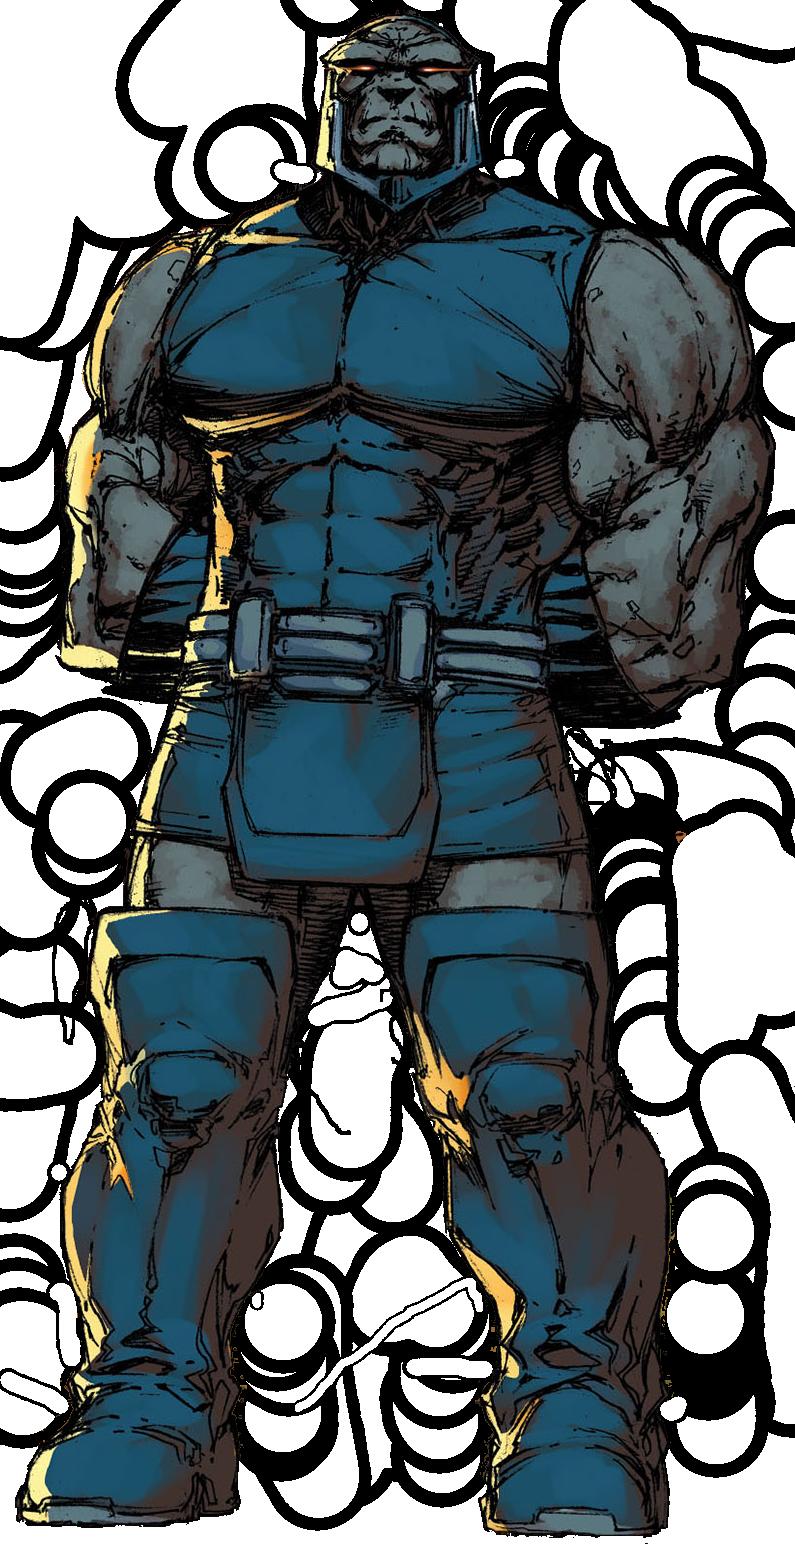 Darkseid | VS Battles Wiki | FANDOM powered by Wikia